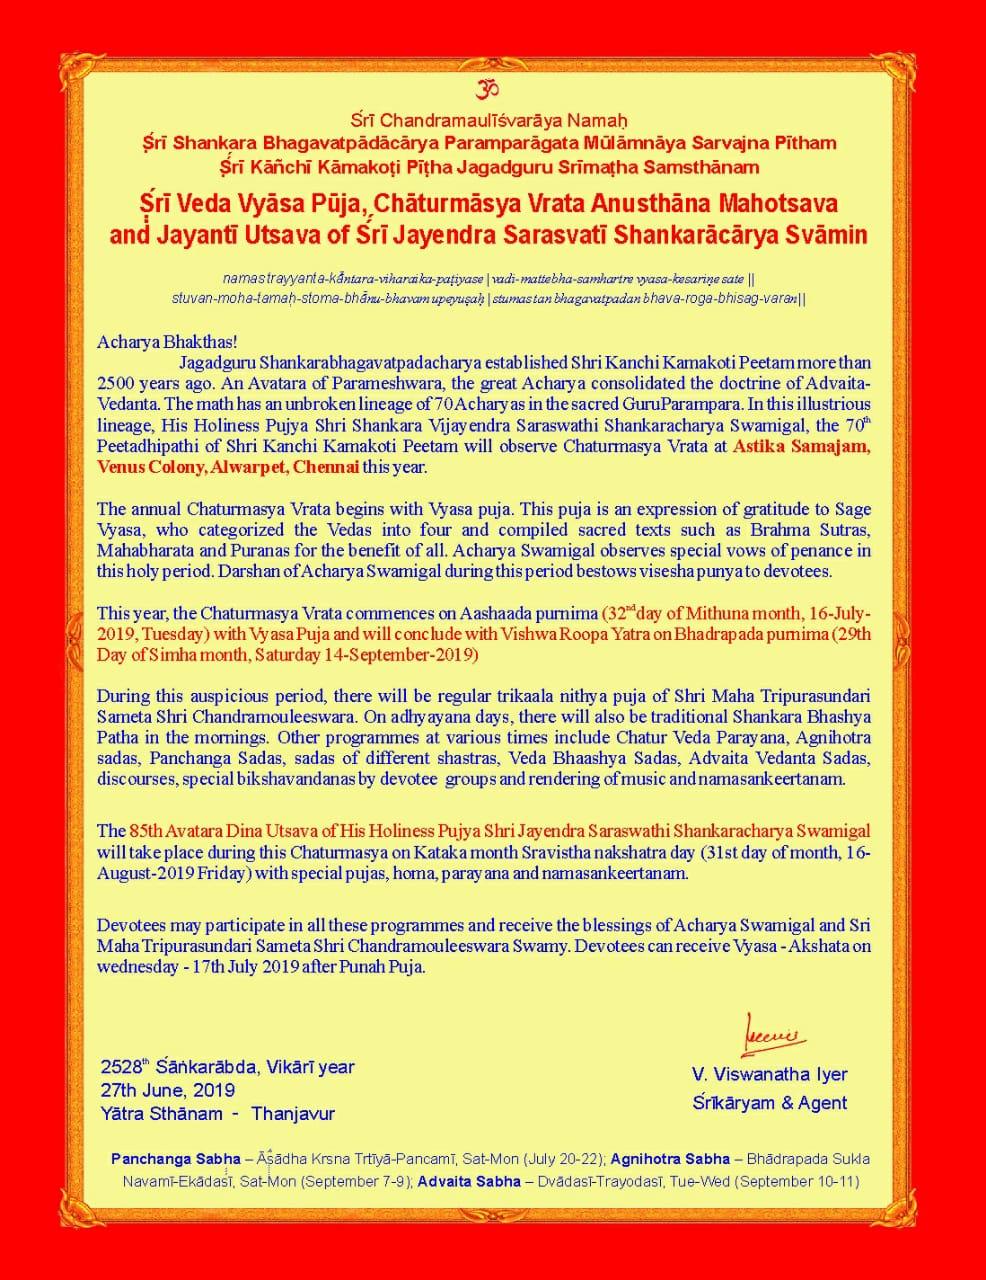 Chaturmasyam at Chennai - 16 July to 14 Sep  2019